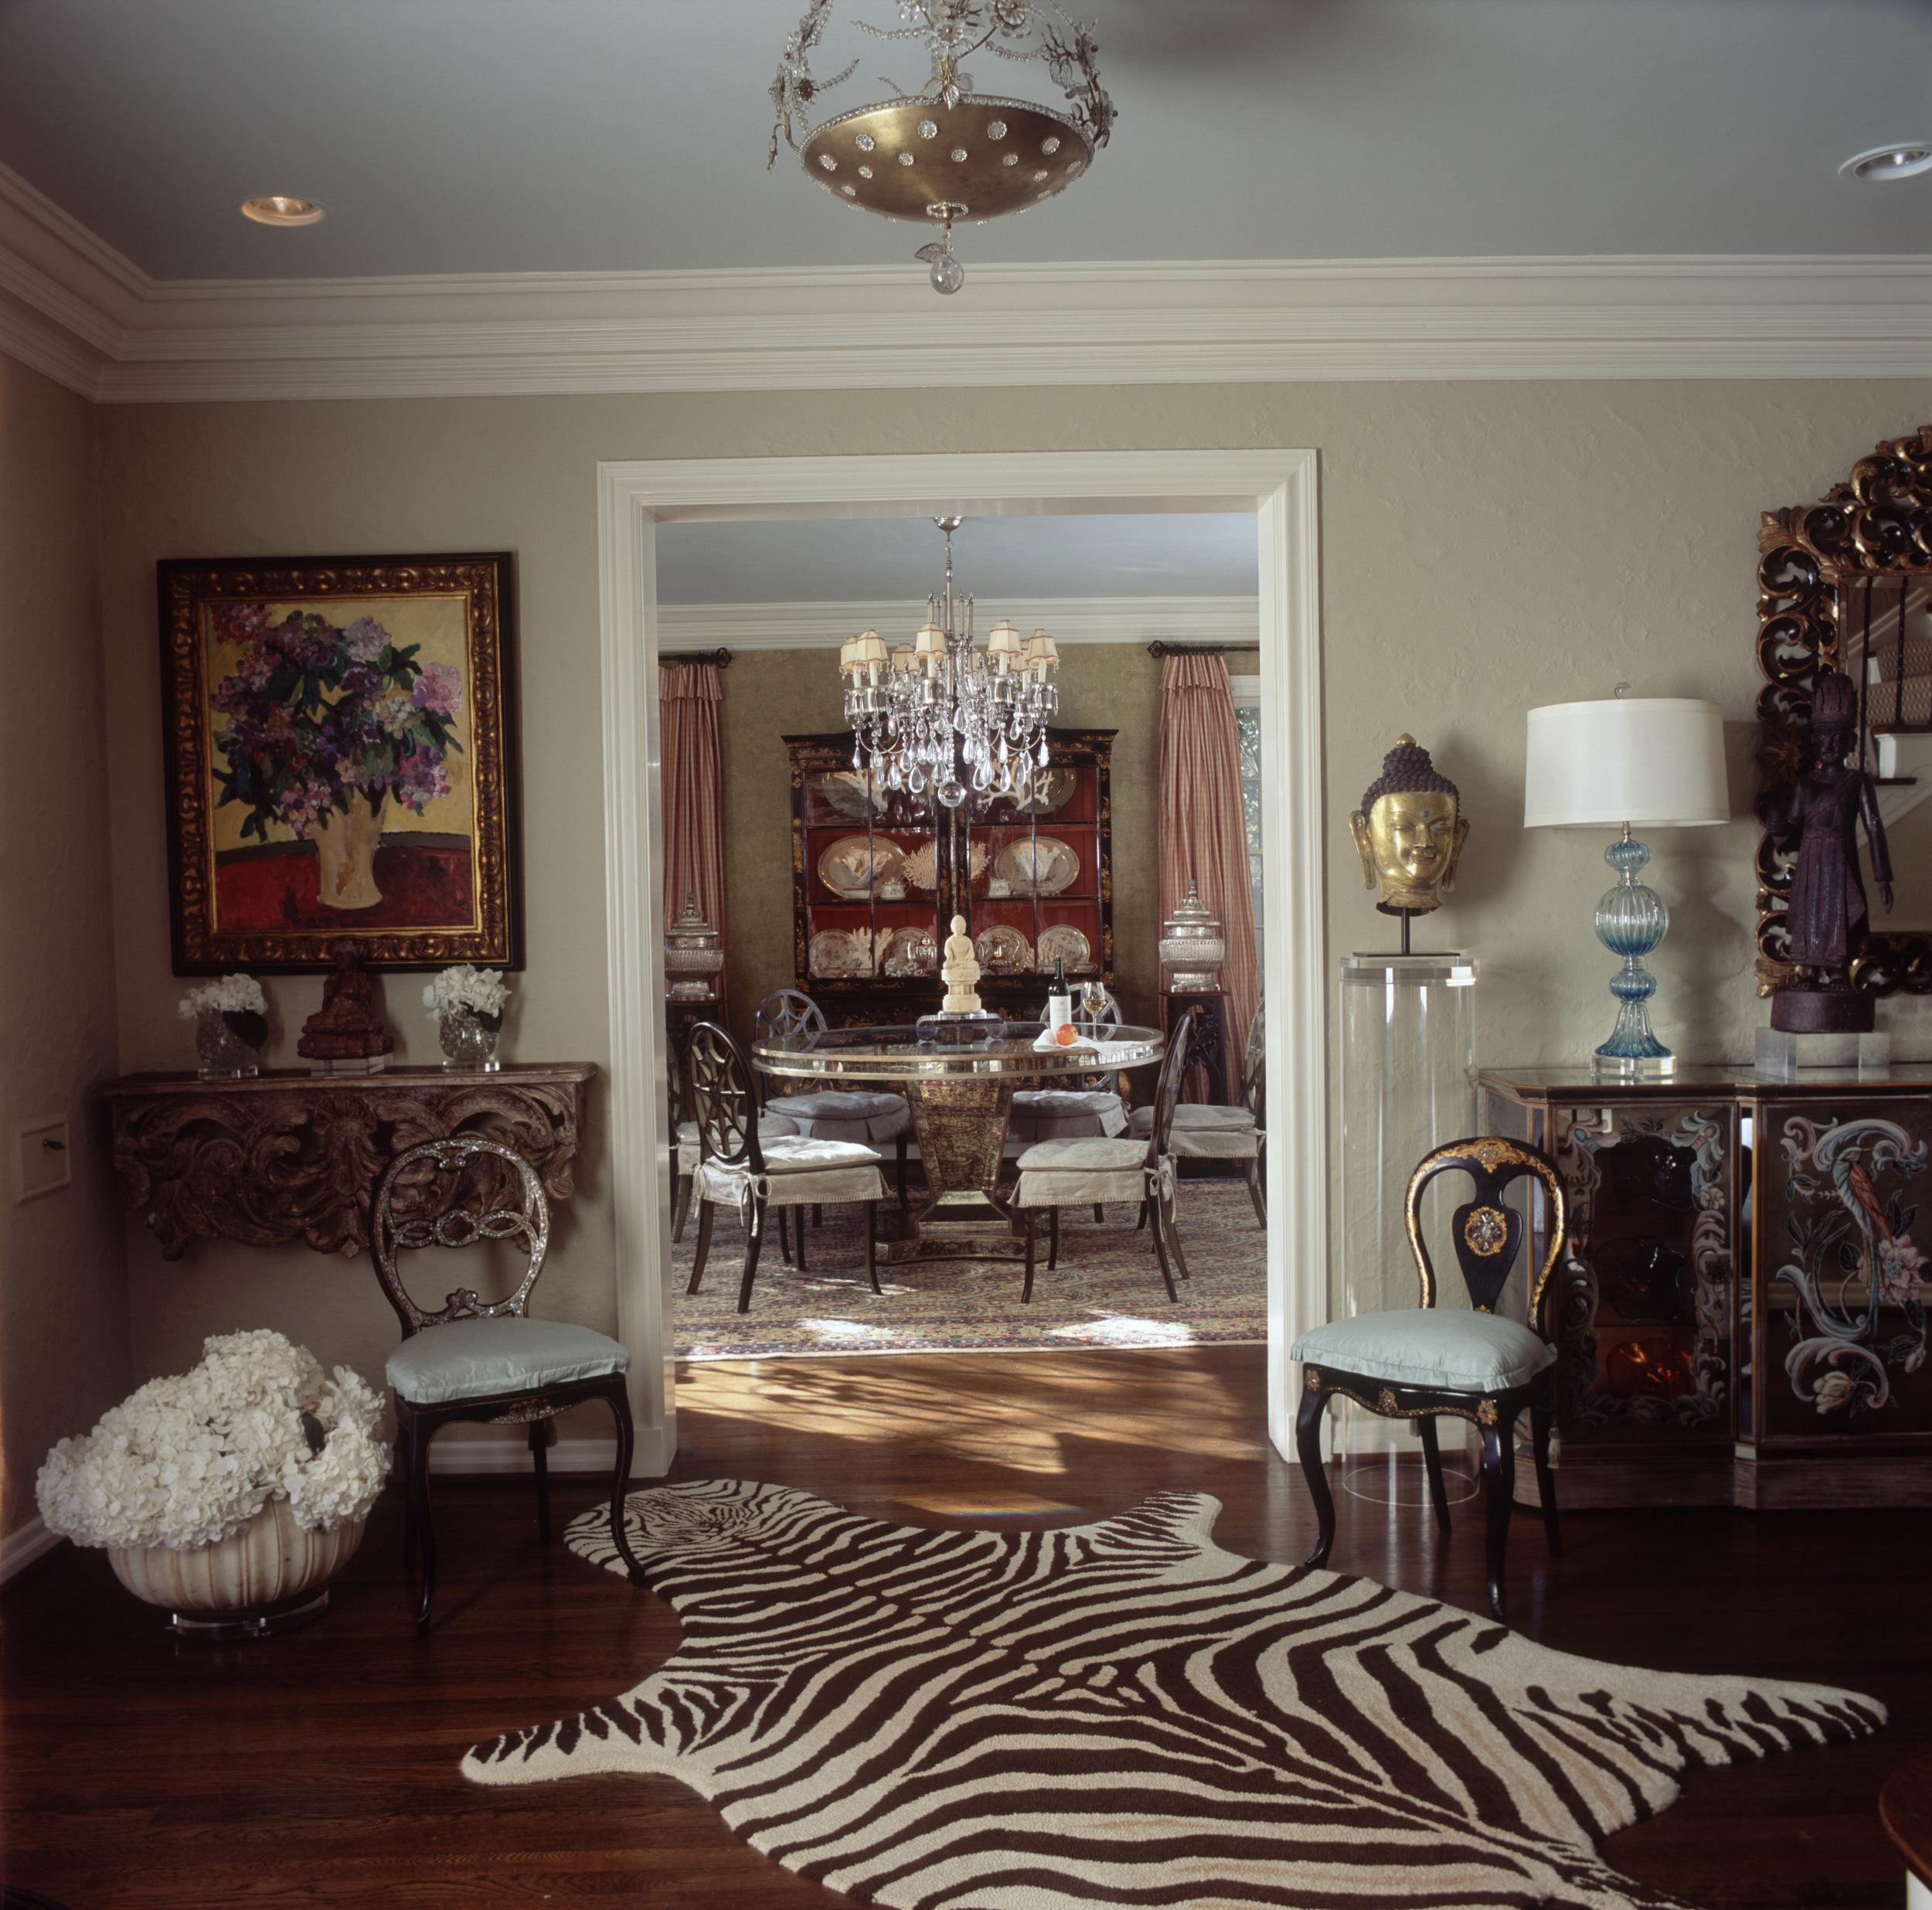 Highland Park Tudor Dining Room